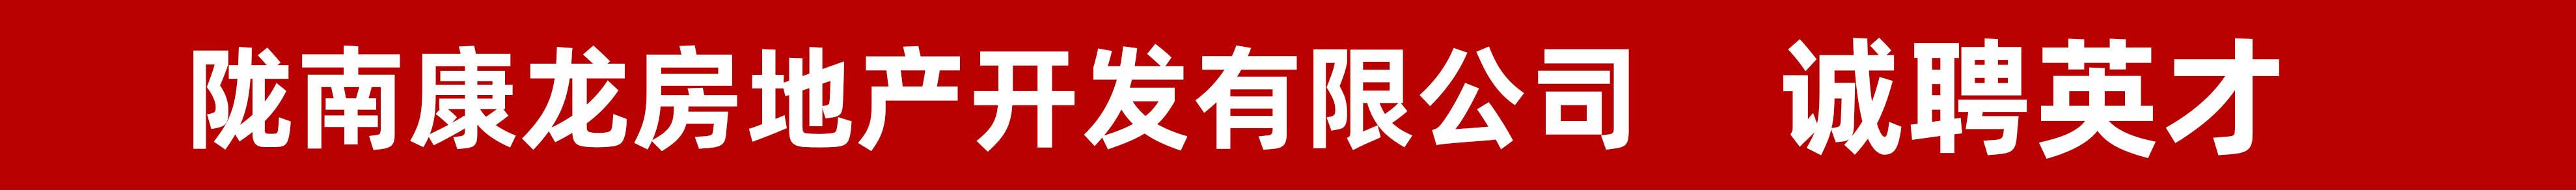 陇南康龙房地产开发有限公司